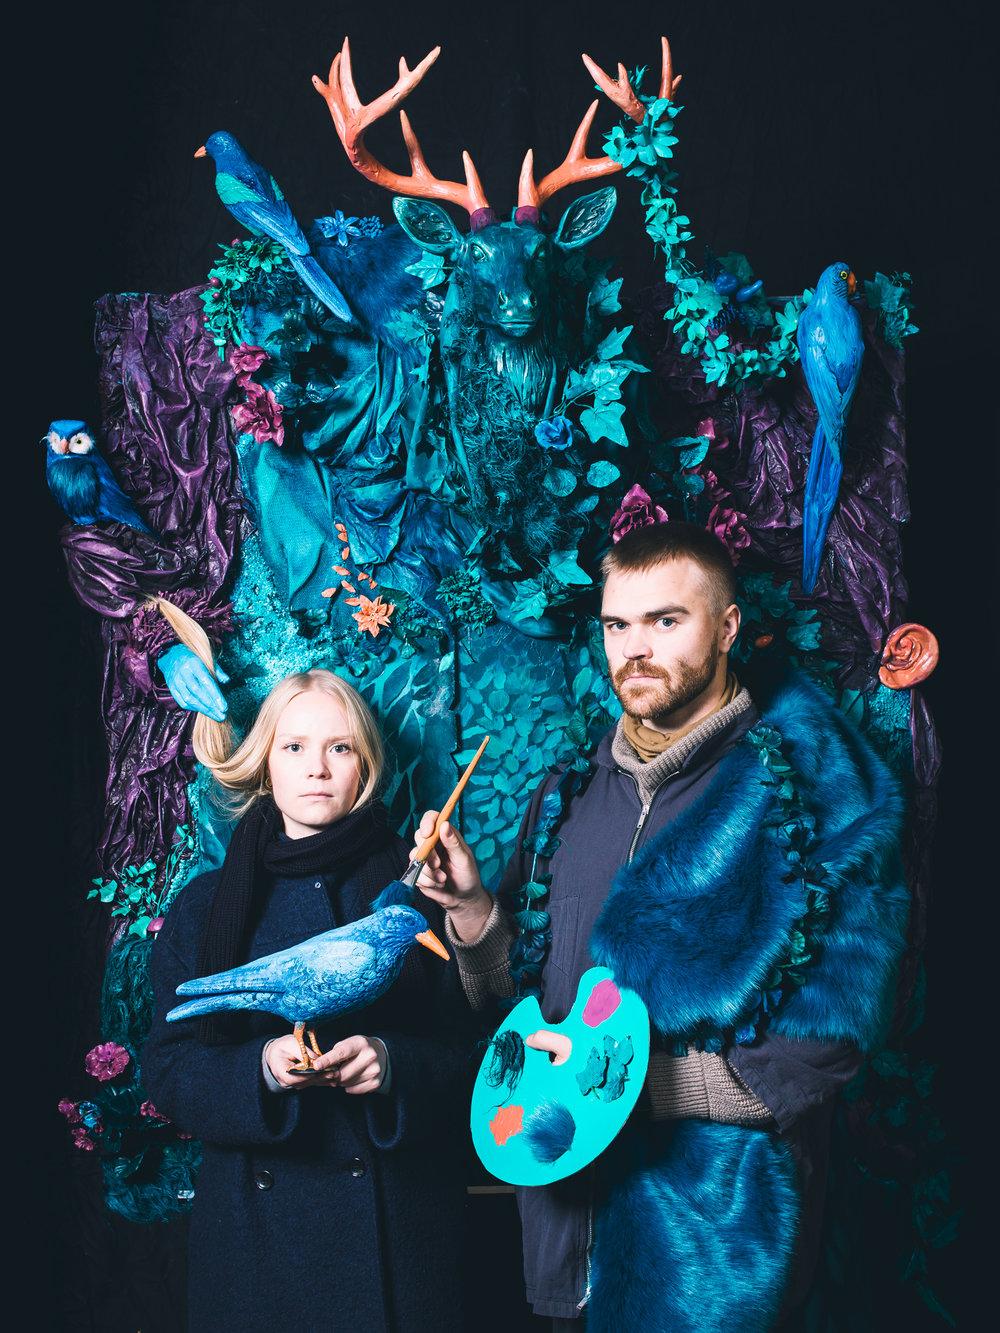 Kehys -installaatio Koe Karakallio Creative -tapahtumassa. Kuvaustiimi: Tuuli Rouhiainen, Emilia Erfving, Mohan Anandan ja Seppo Verho.